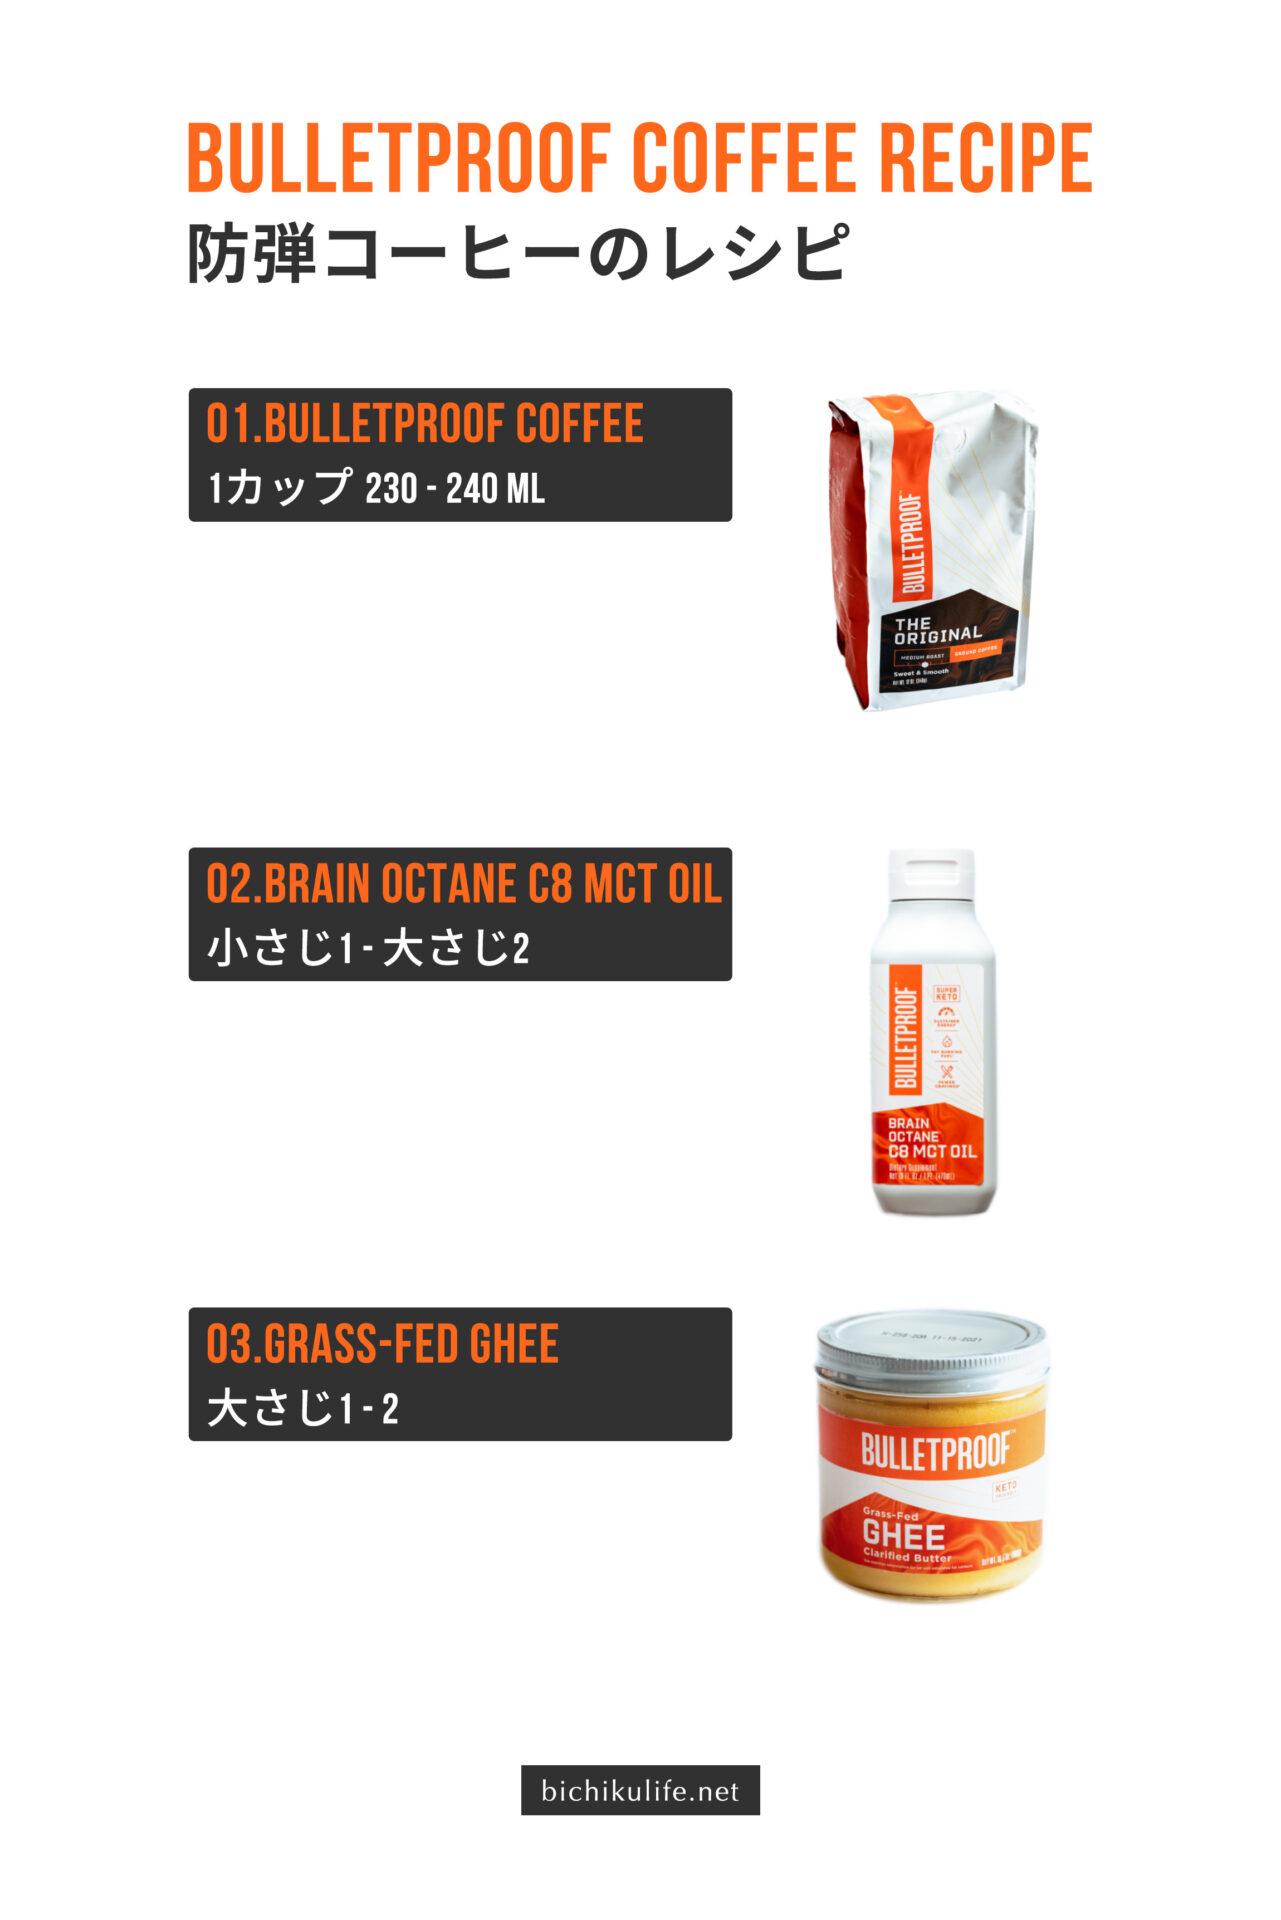 Bulletproof 完全無欠コーヒー(防弾コーヒー、バターコーヒー)のレシピ